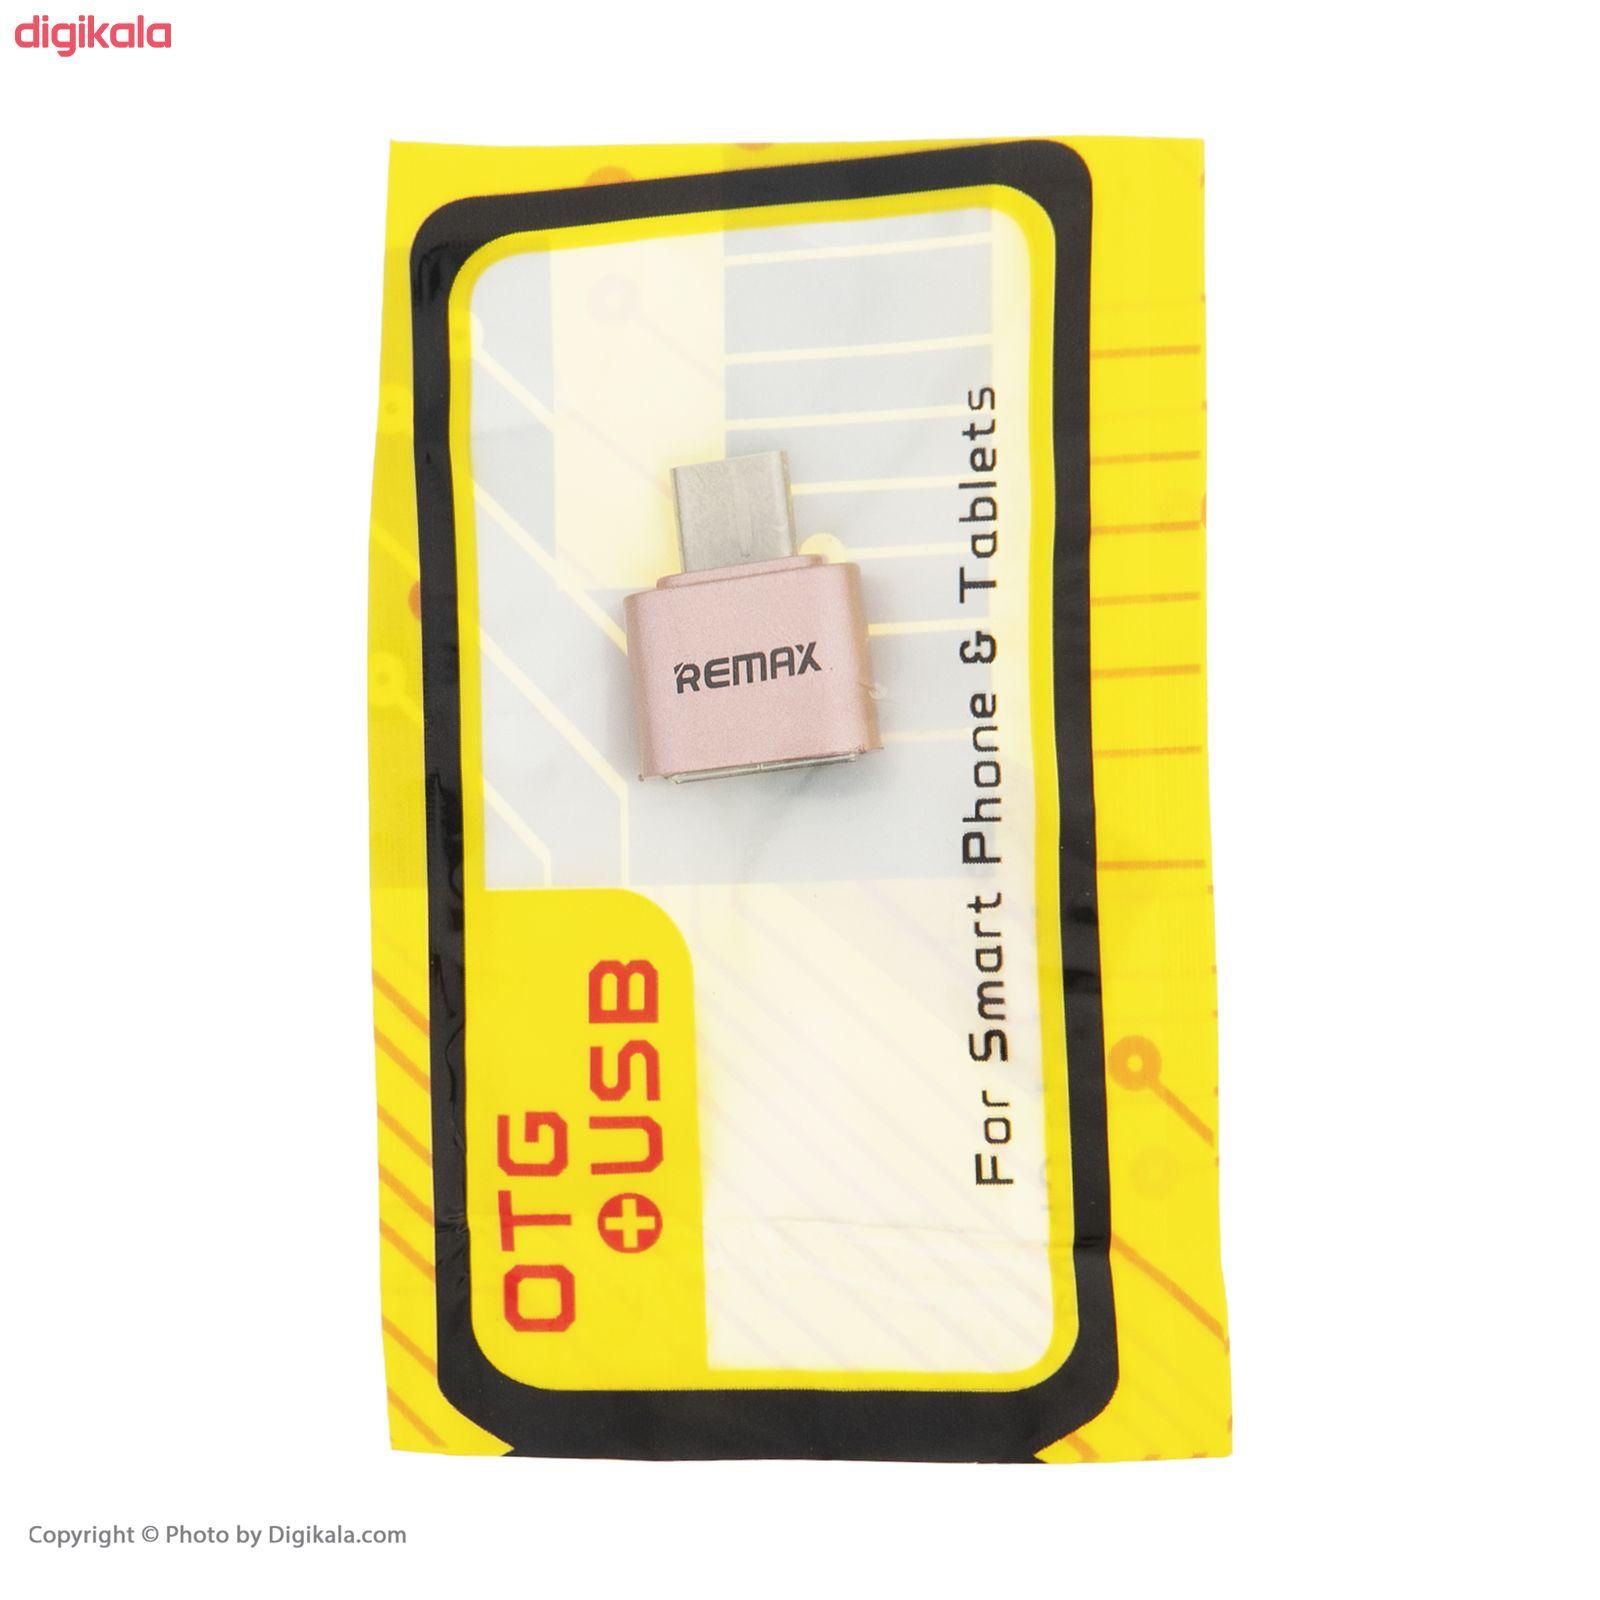 مبدل OTG  USB-C ریمکس کد E9 main 1 4